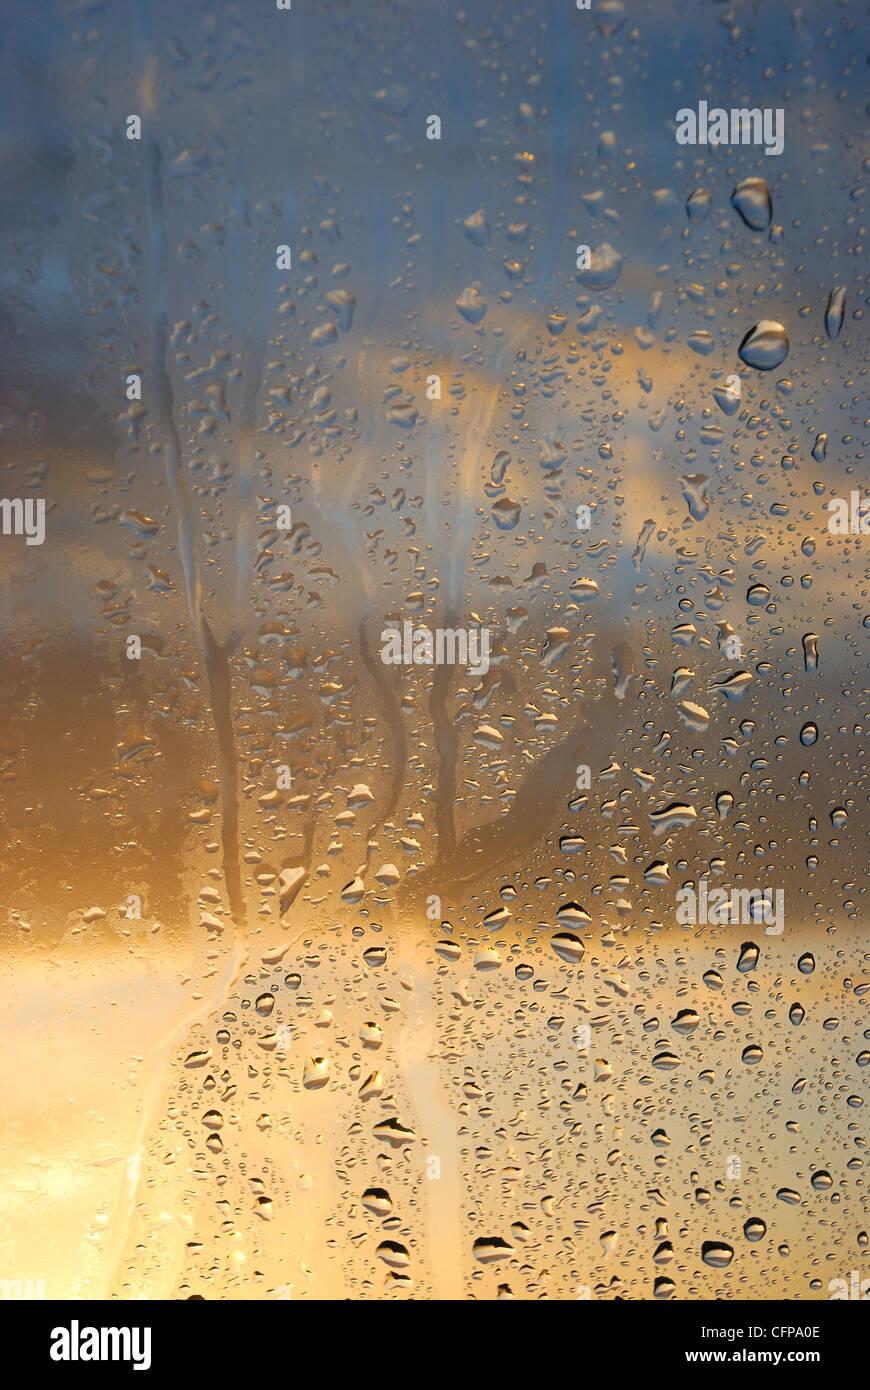 La condensation sur la fenêtre Photo Stock